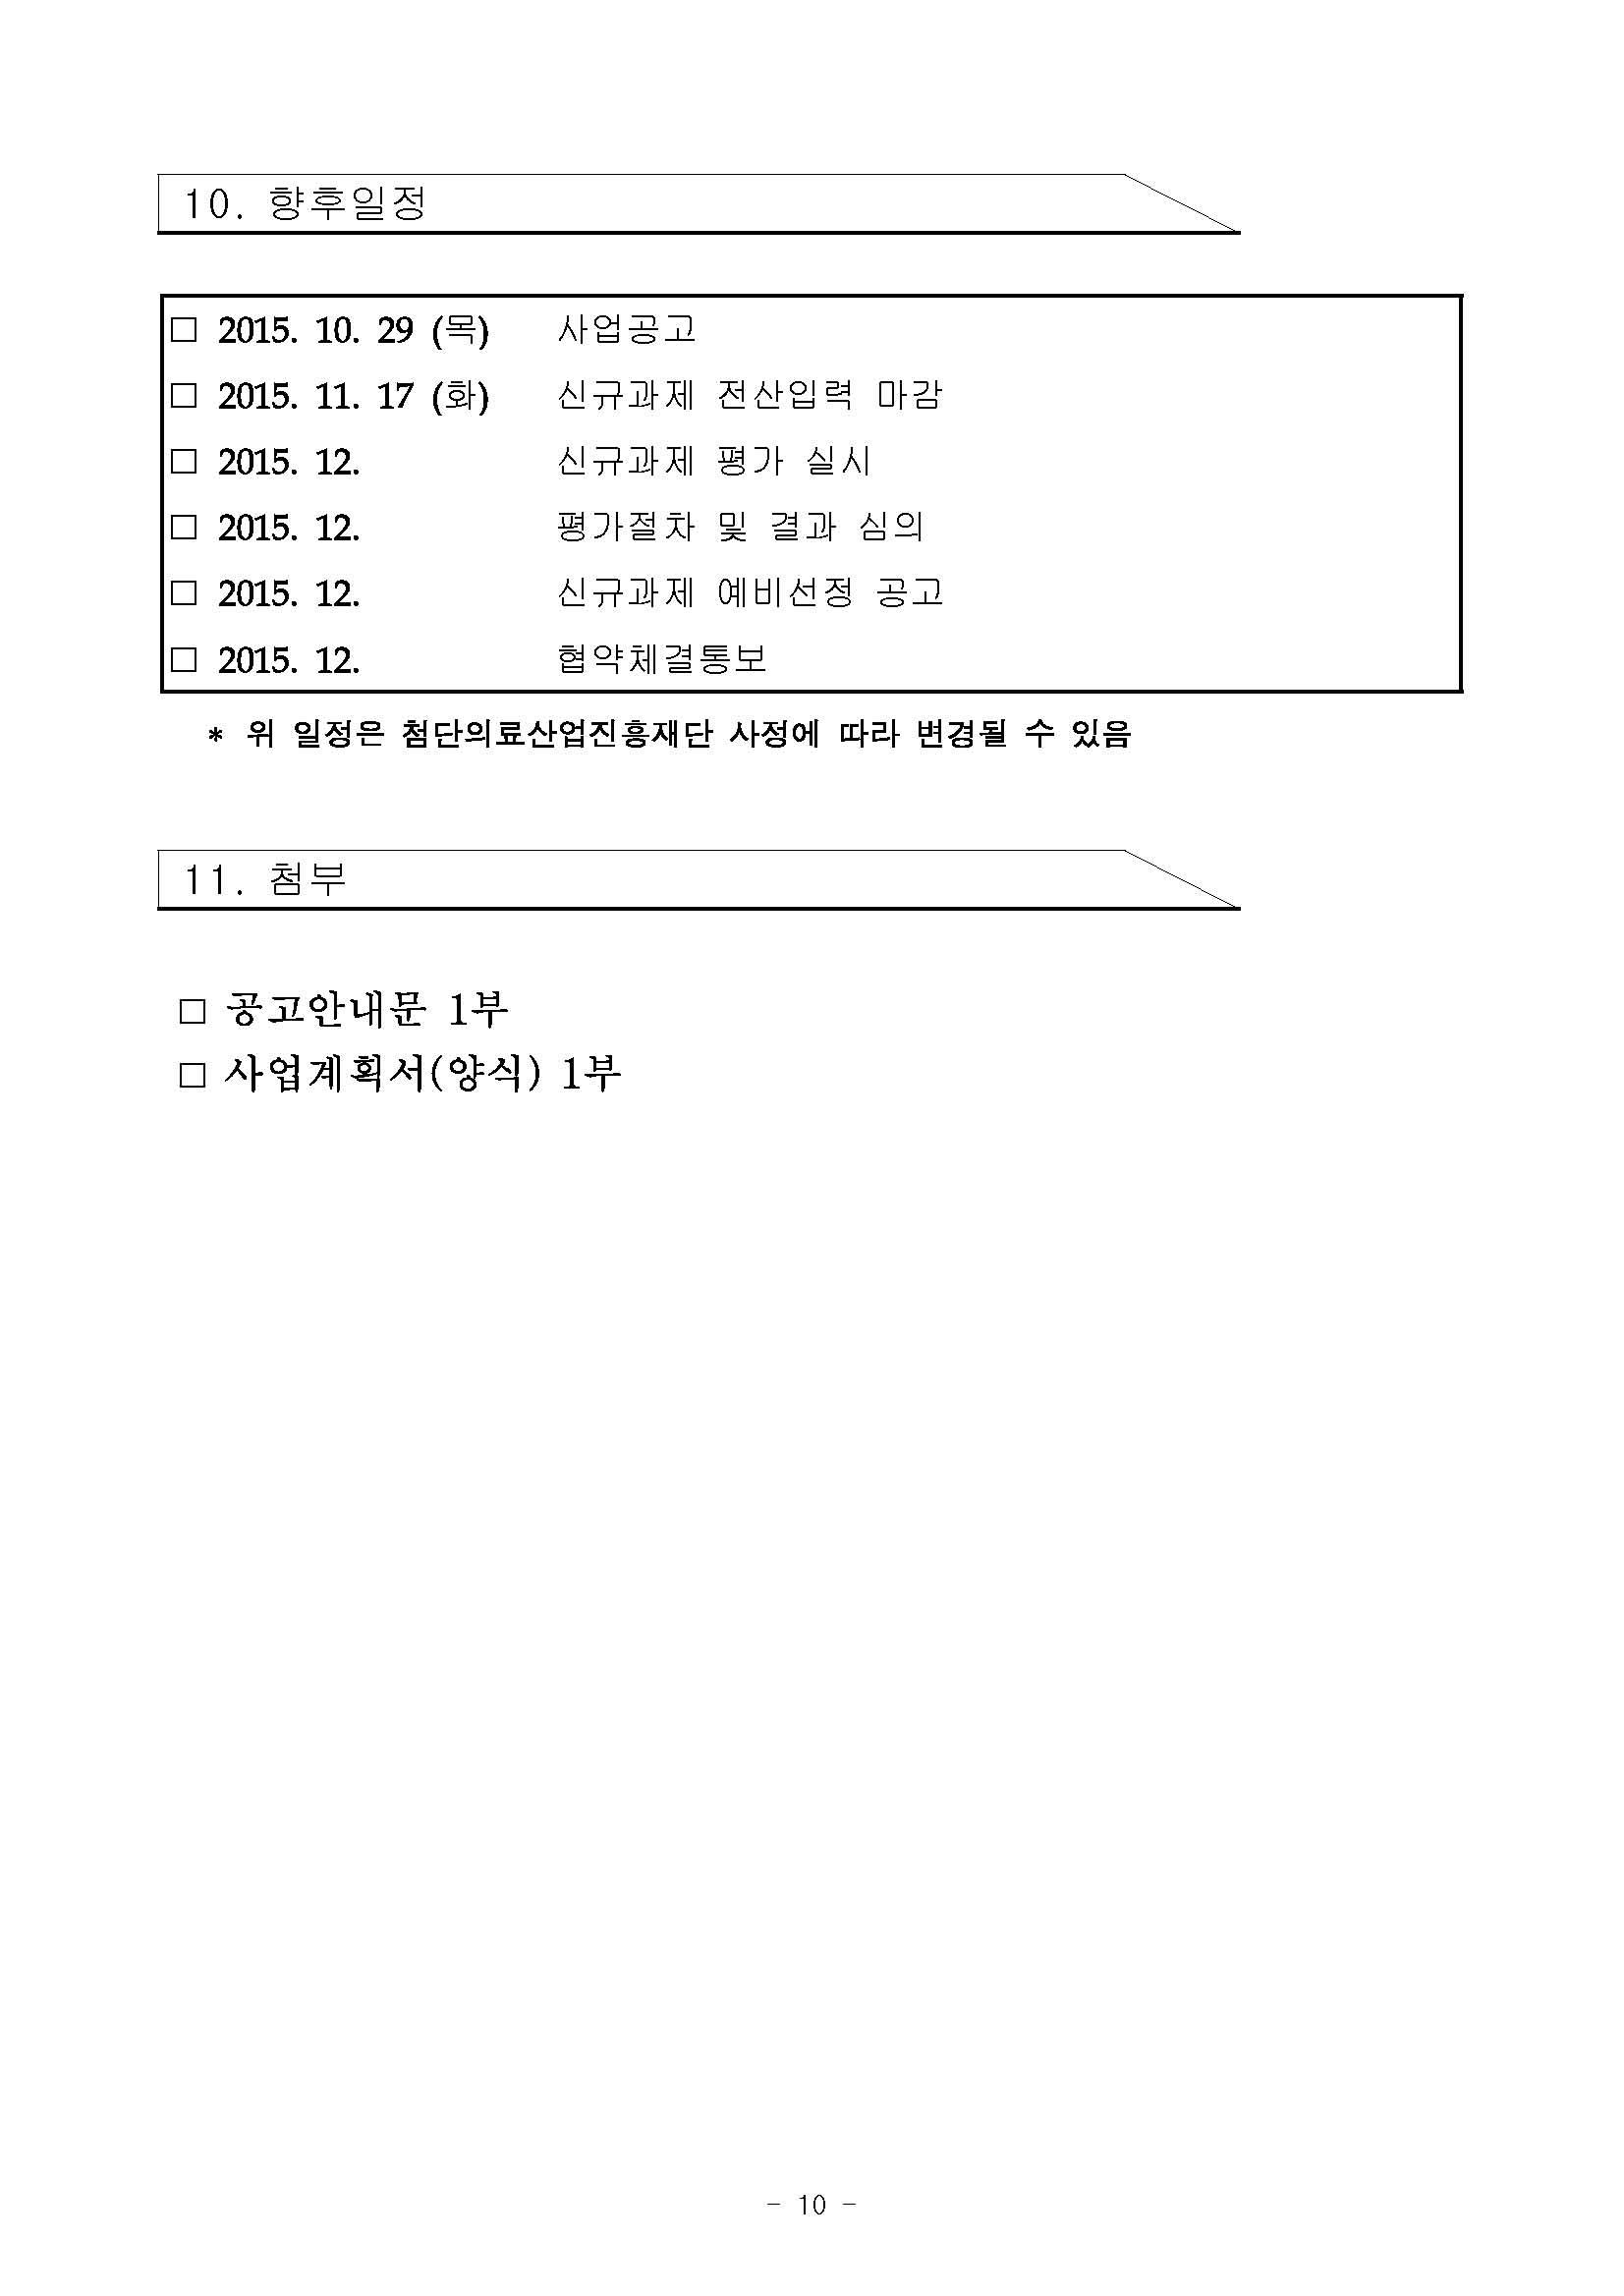 (붙임 1)_2015년도 첨단의료복합단지 연구개발지원사업 공고문_페이지_10.jpg